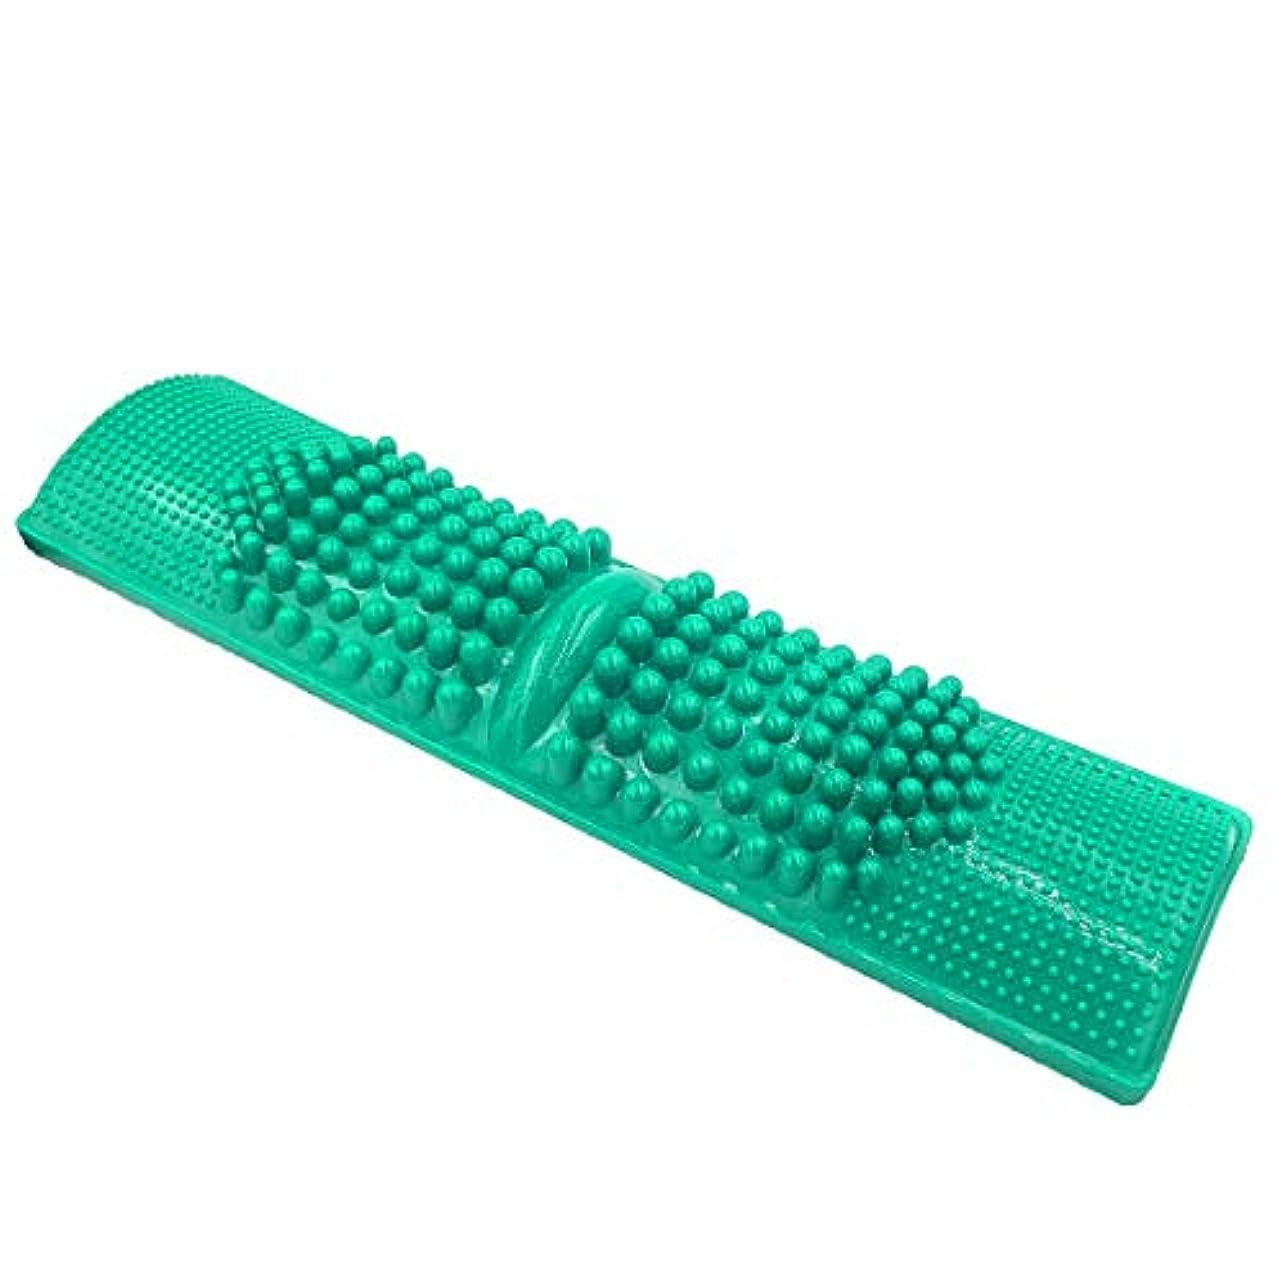 うめき性格流体Andexi 足つぼマッサージ 足つぼマット 足つぼ 足踏み 足裏刺激 健康雑貨 サイズ:40*11cm 濃い緑